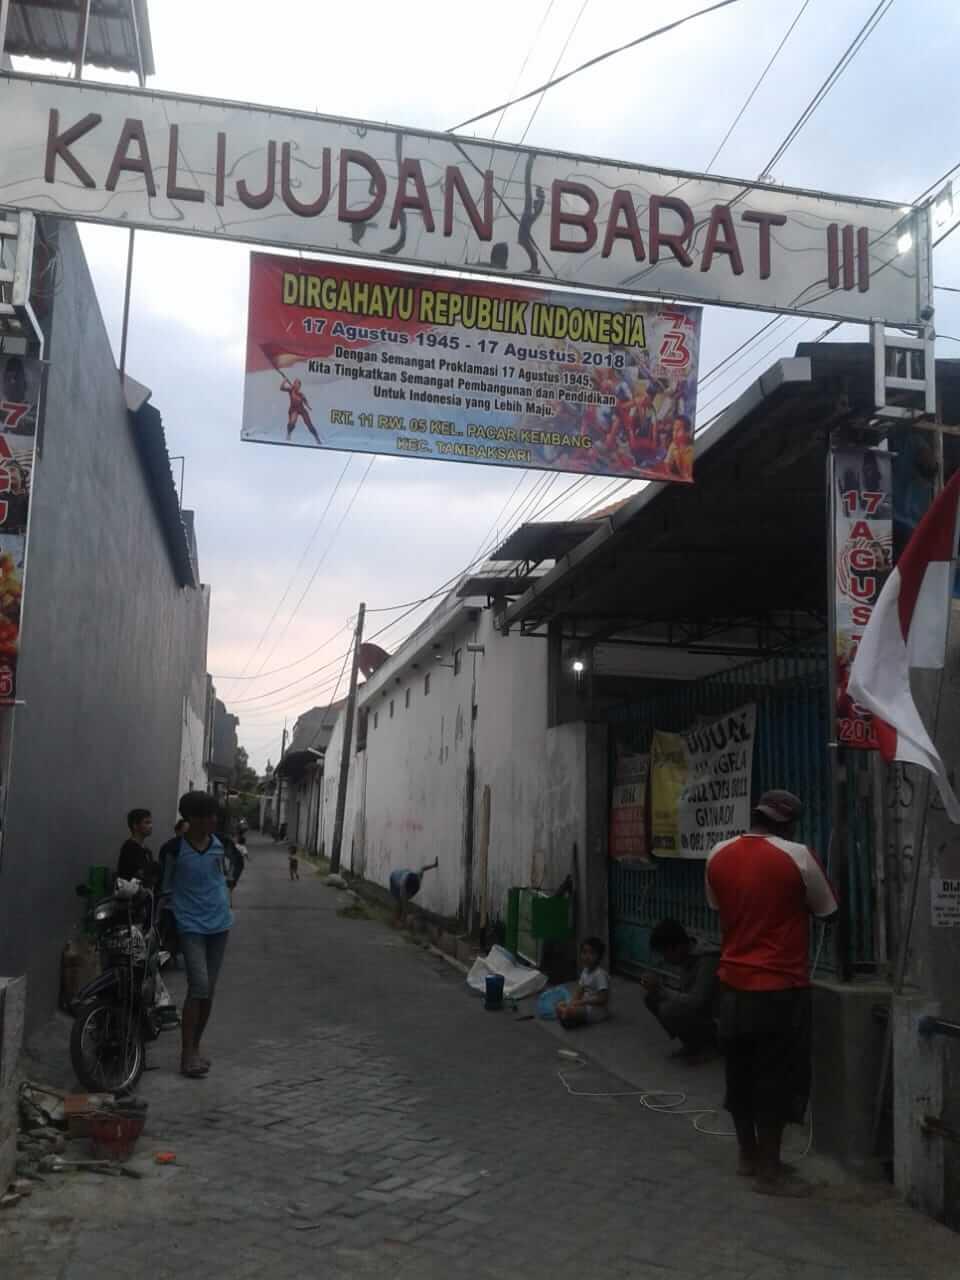 Jual Murah Rumah Baru Kalijudan Barat 3 Nomor 9 Surabaya - lingkungan